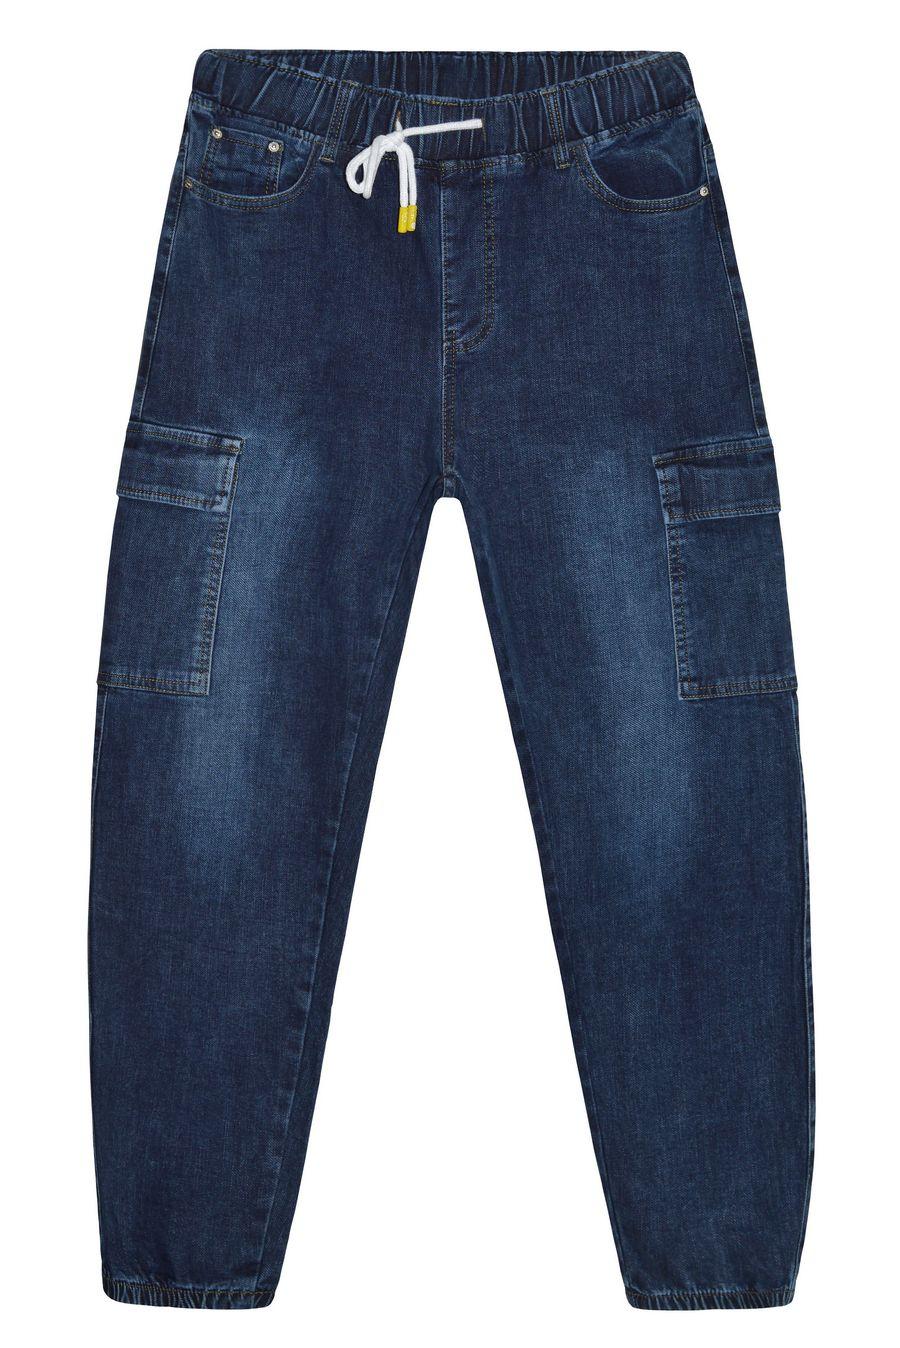 Джинсы женские K.Y Jeans 092 - фото 1